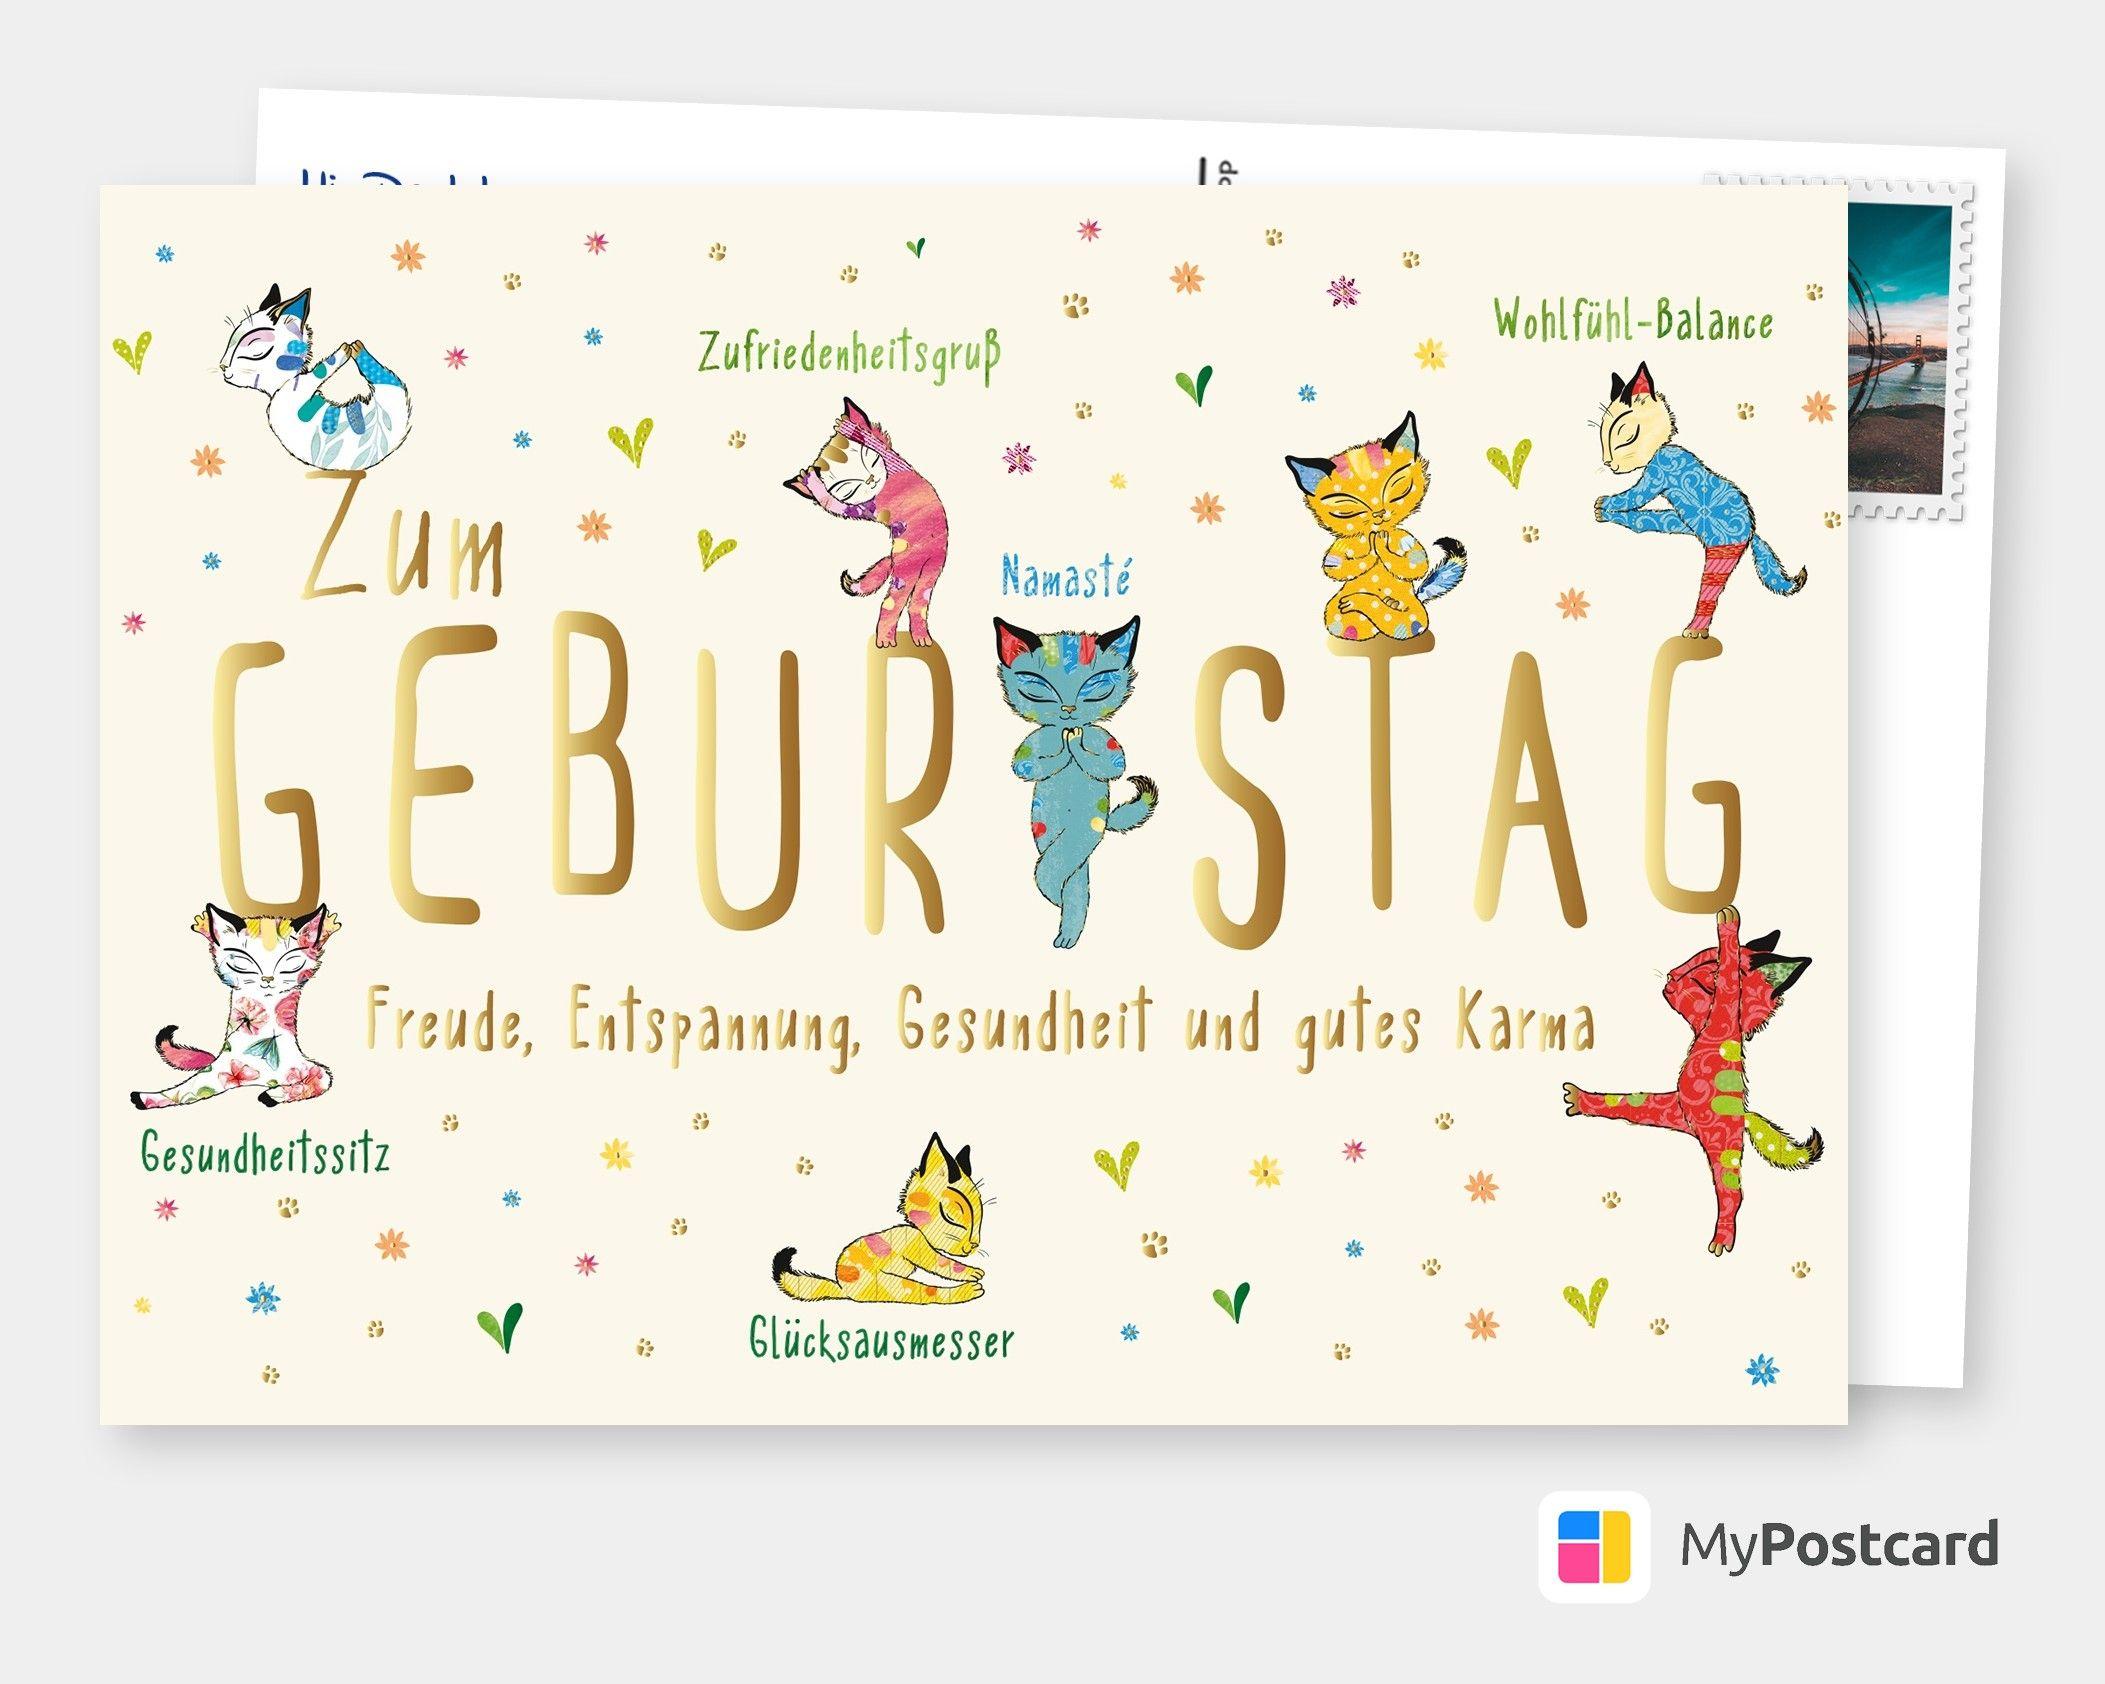 Karte zum Geburtstag - Geburtstagsgrüße / Geburtstagskarte / Geburtstagswünsche / Gratulieren